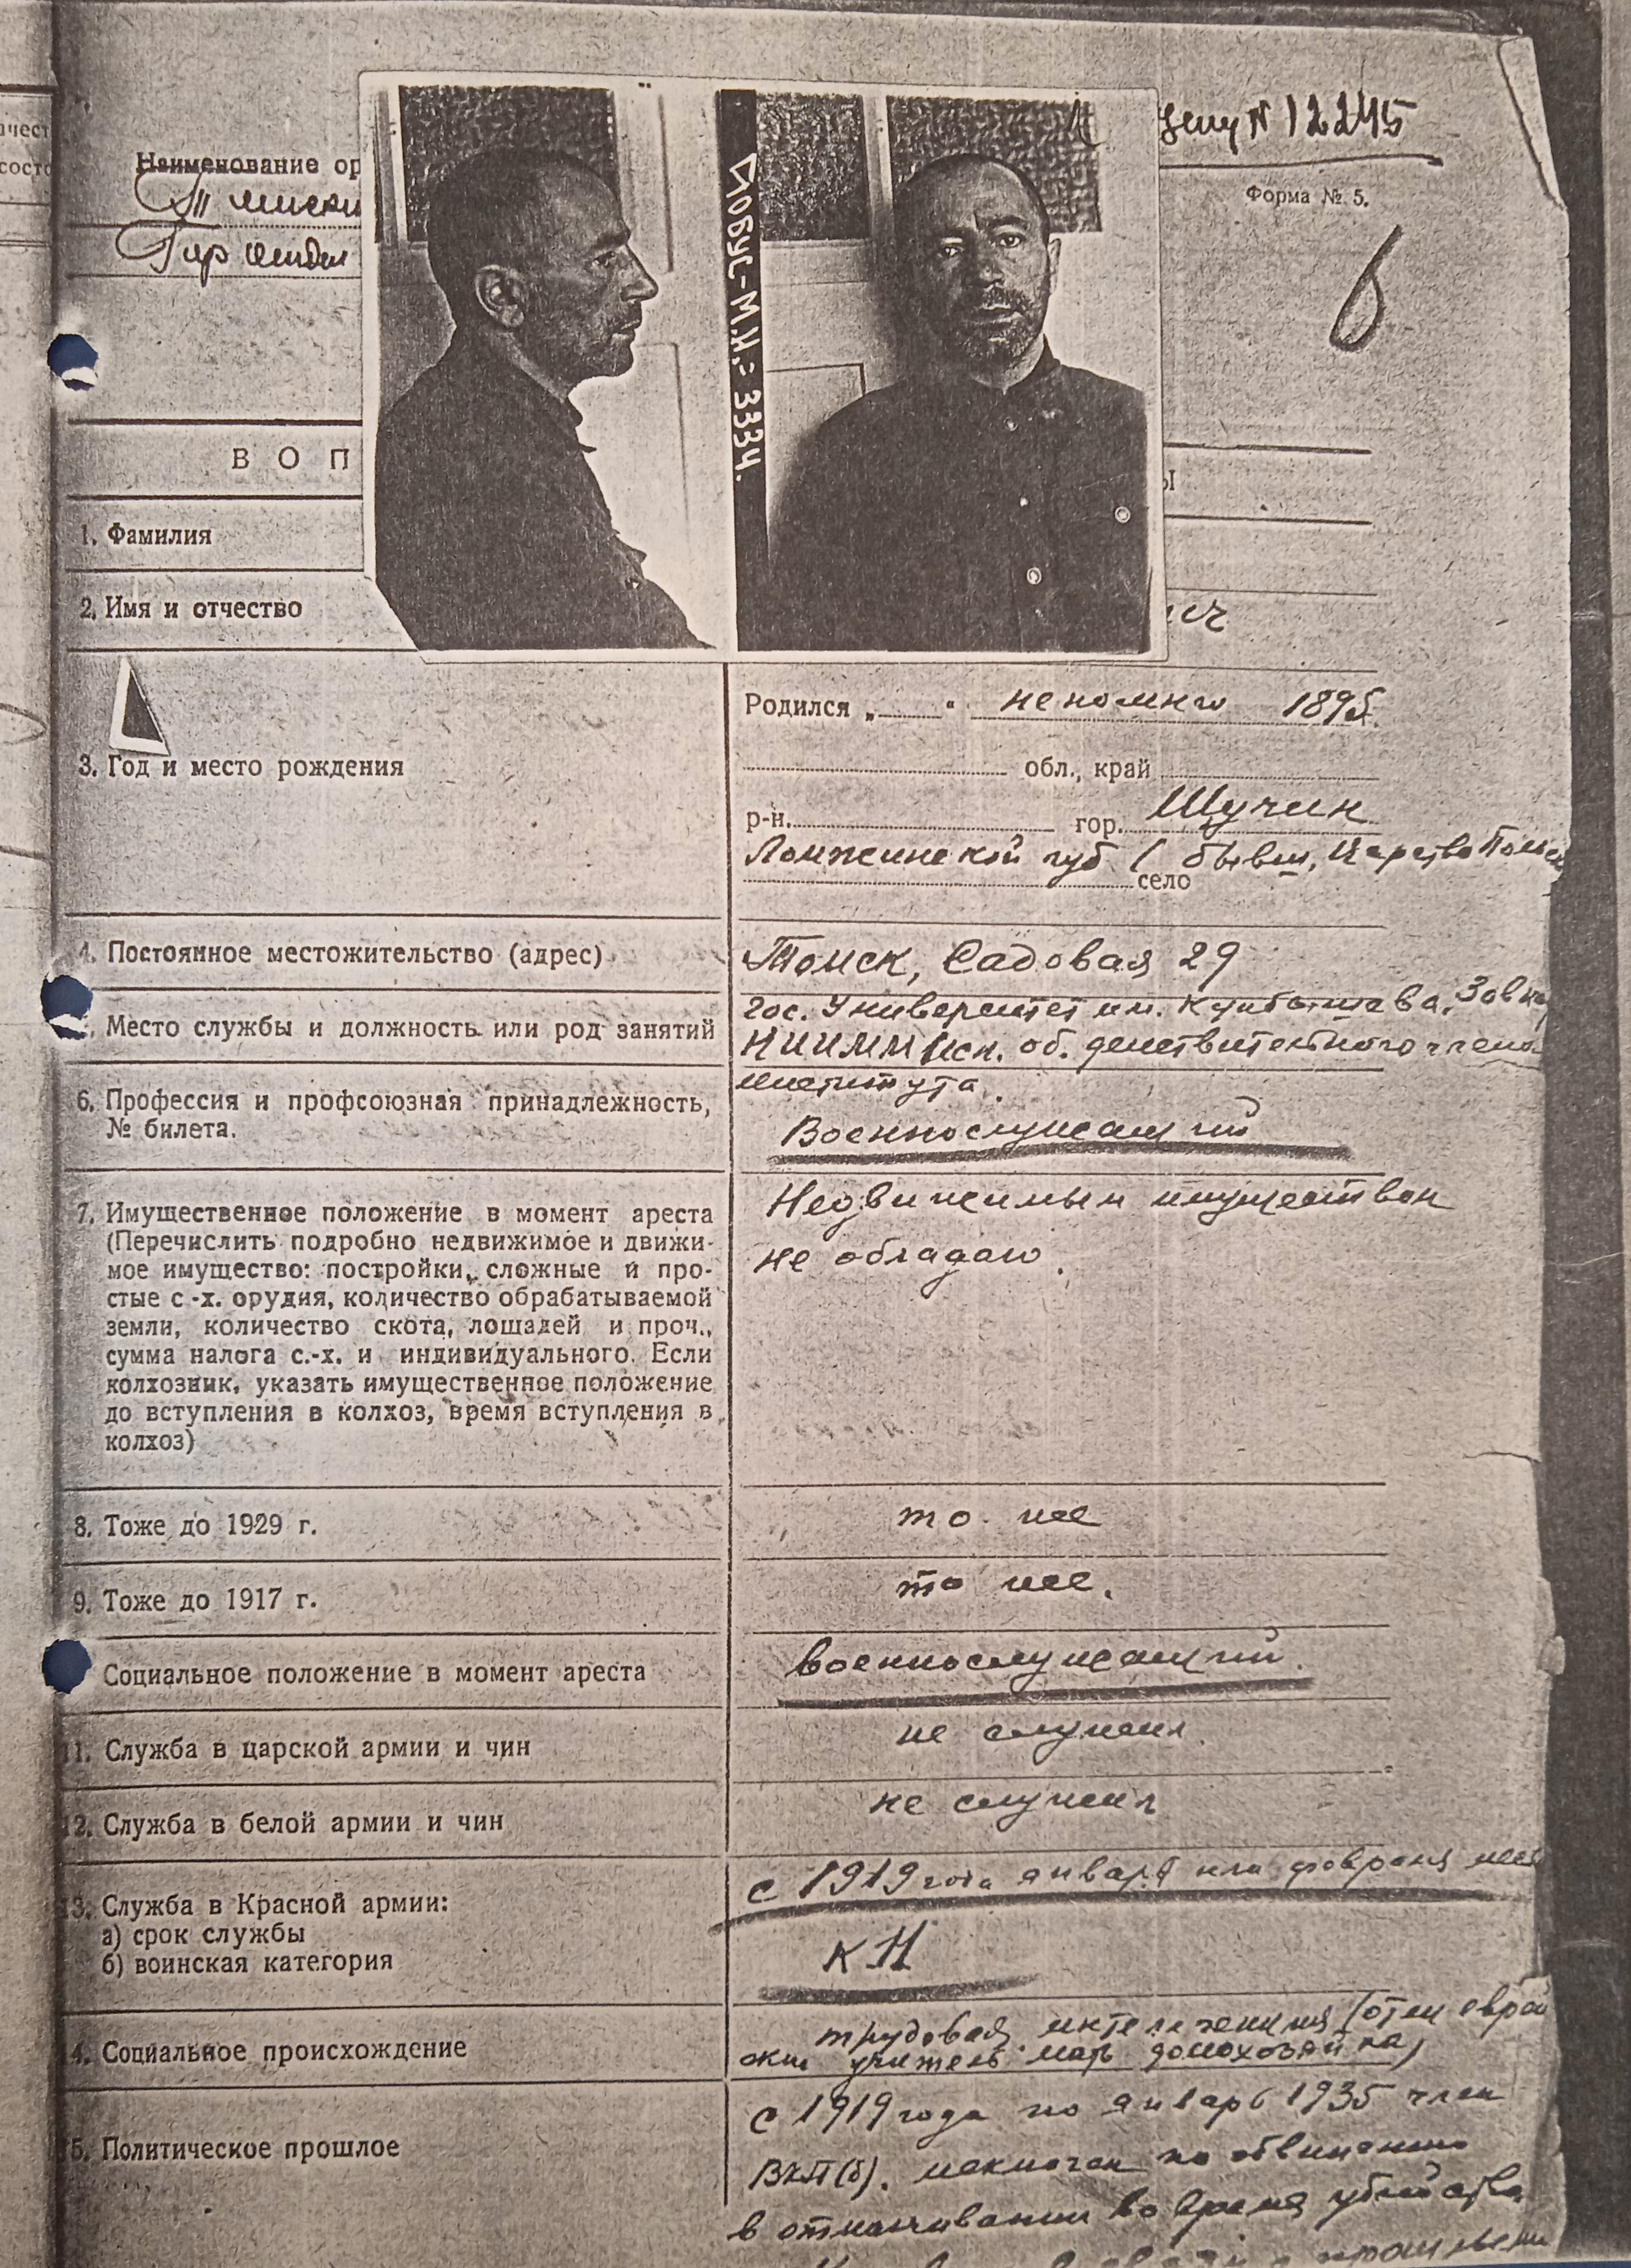 Отвертеться не удастся: как сотрудники НКВД сдавали друг друга на допросах1